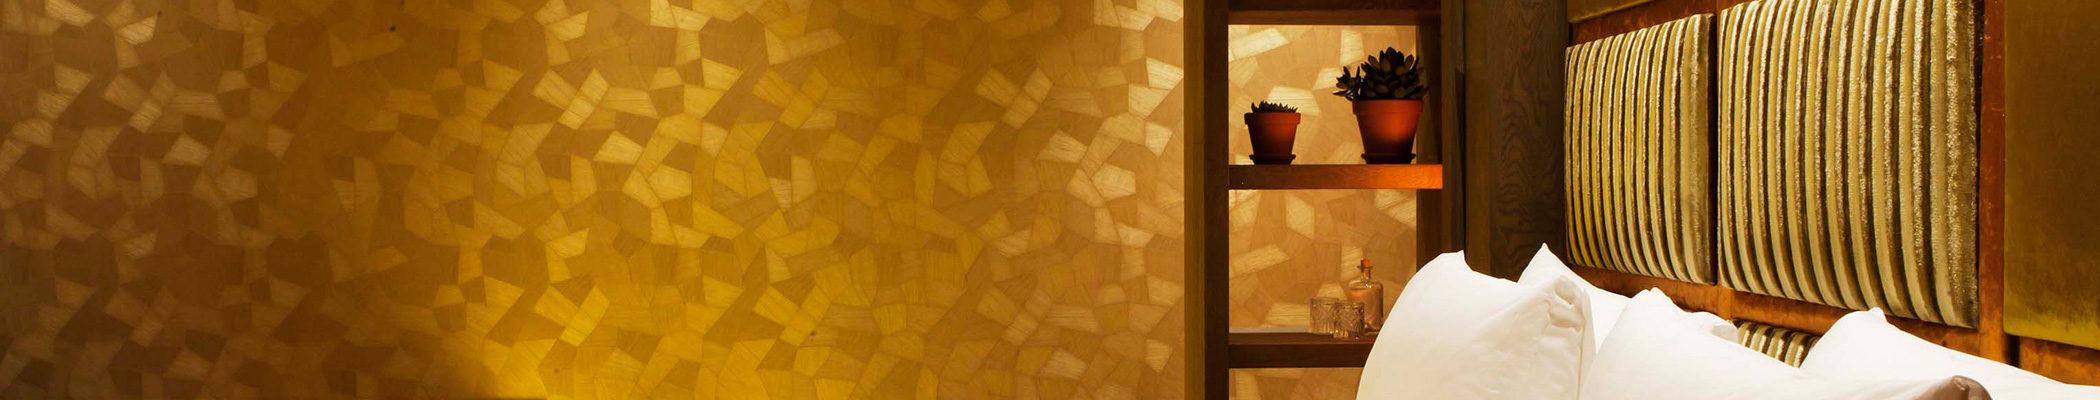 boutique-hotel-zaandam-manzo-loft-goud-bed-behang-interieur